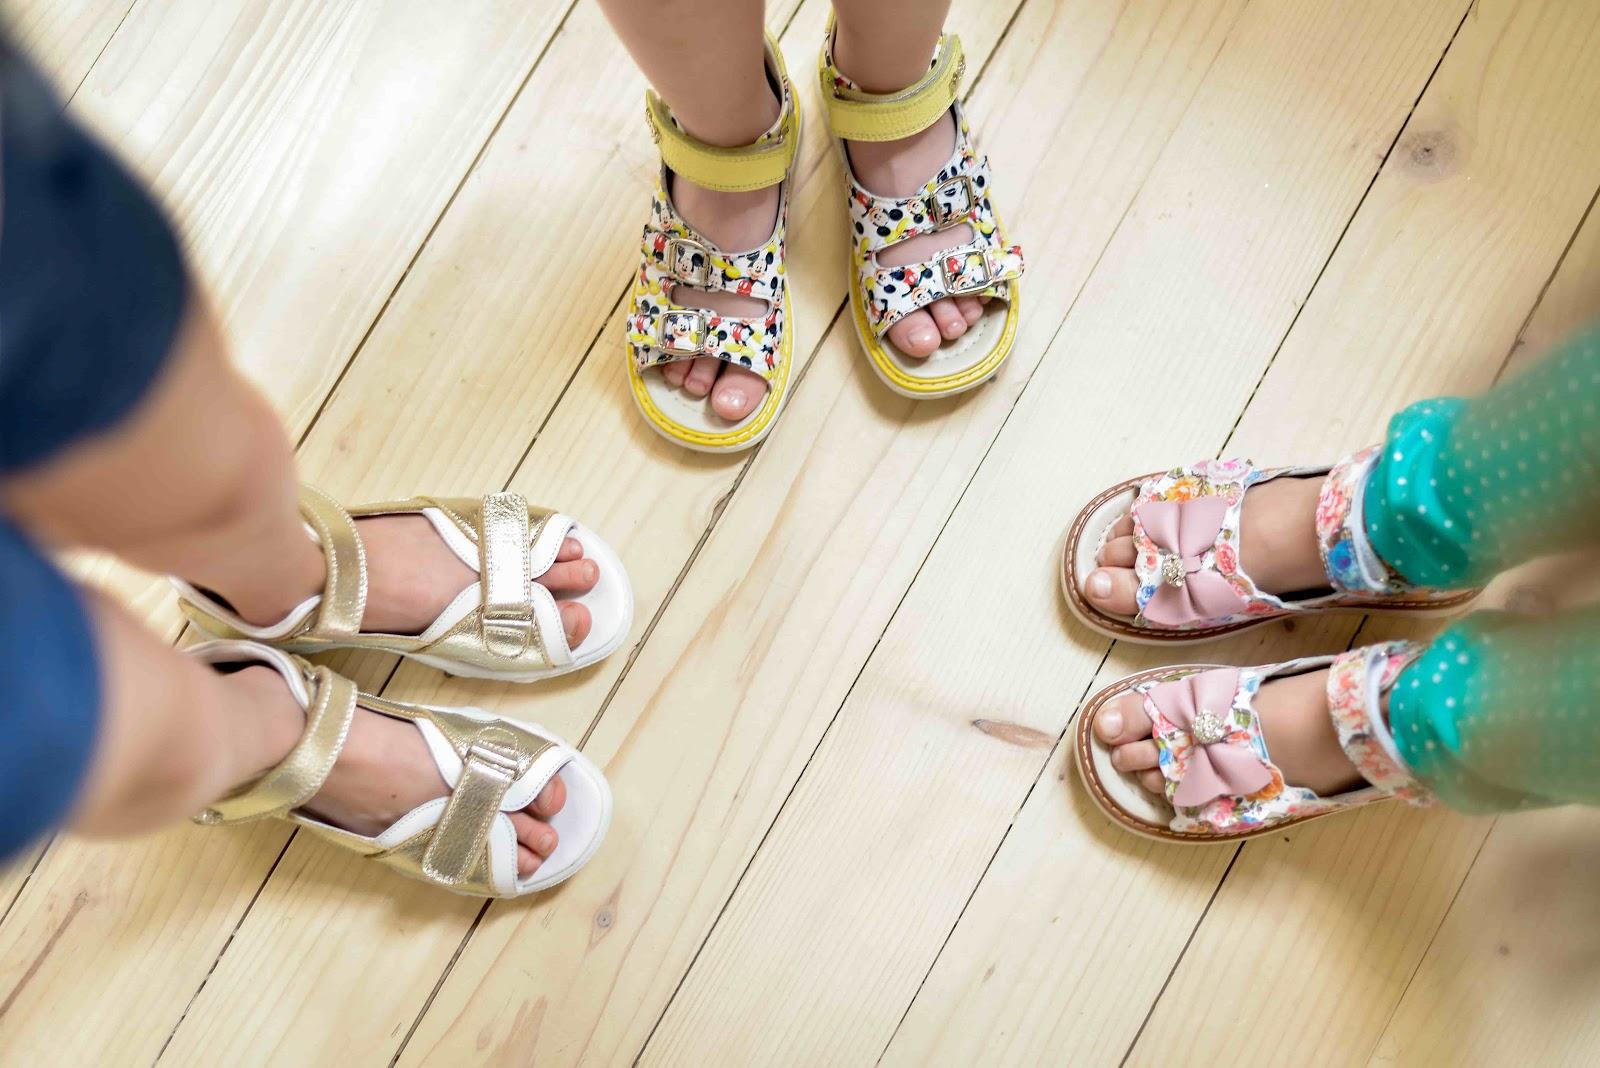 720bddec6d07 А по окончании сезона правильная, прочная обувная пара пригодиться малышу в  качестве сменной обуви.